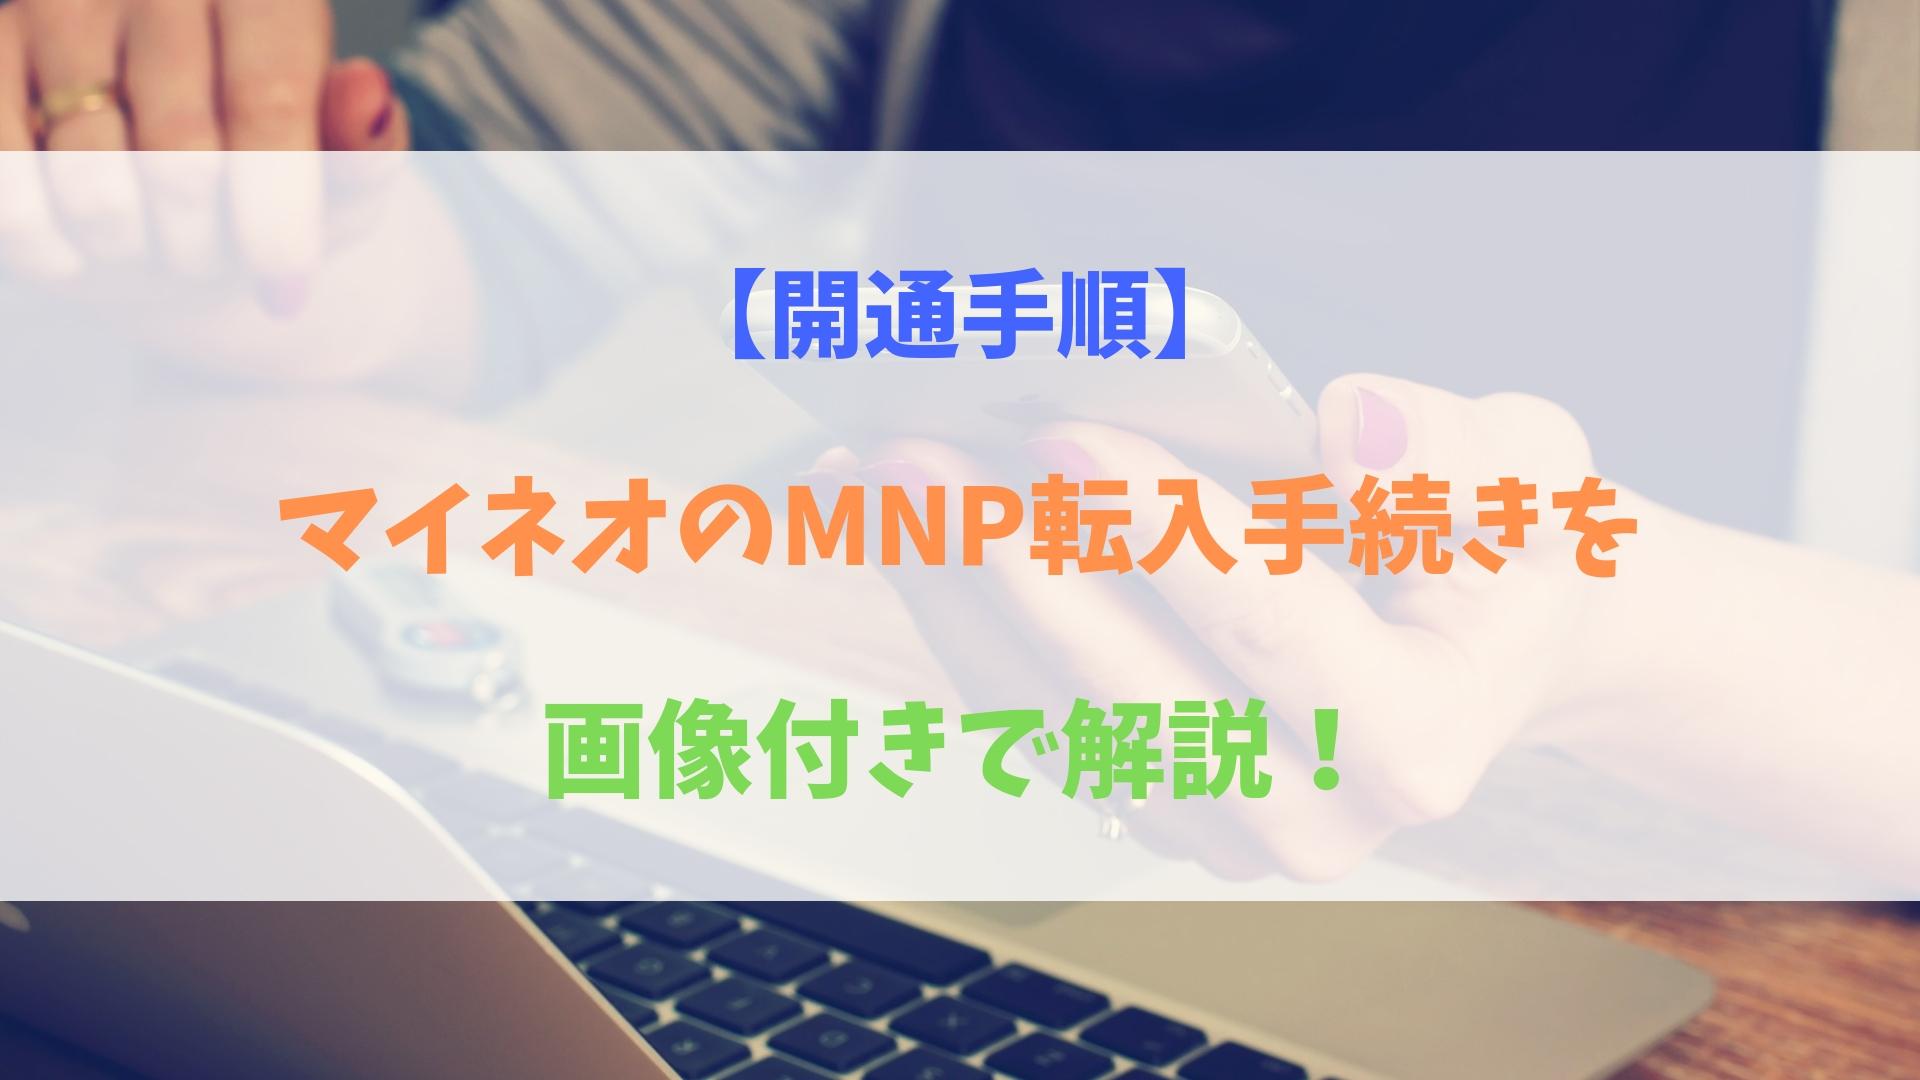 開通手順 mineo(マイネオ)のMNP転入手続きを画像付きで解説!